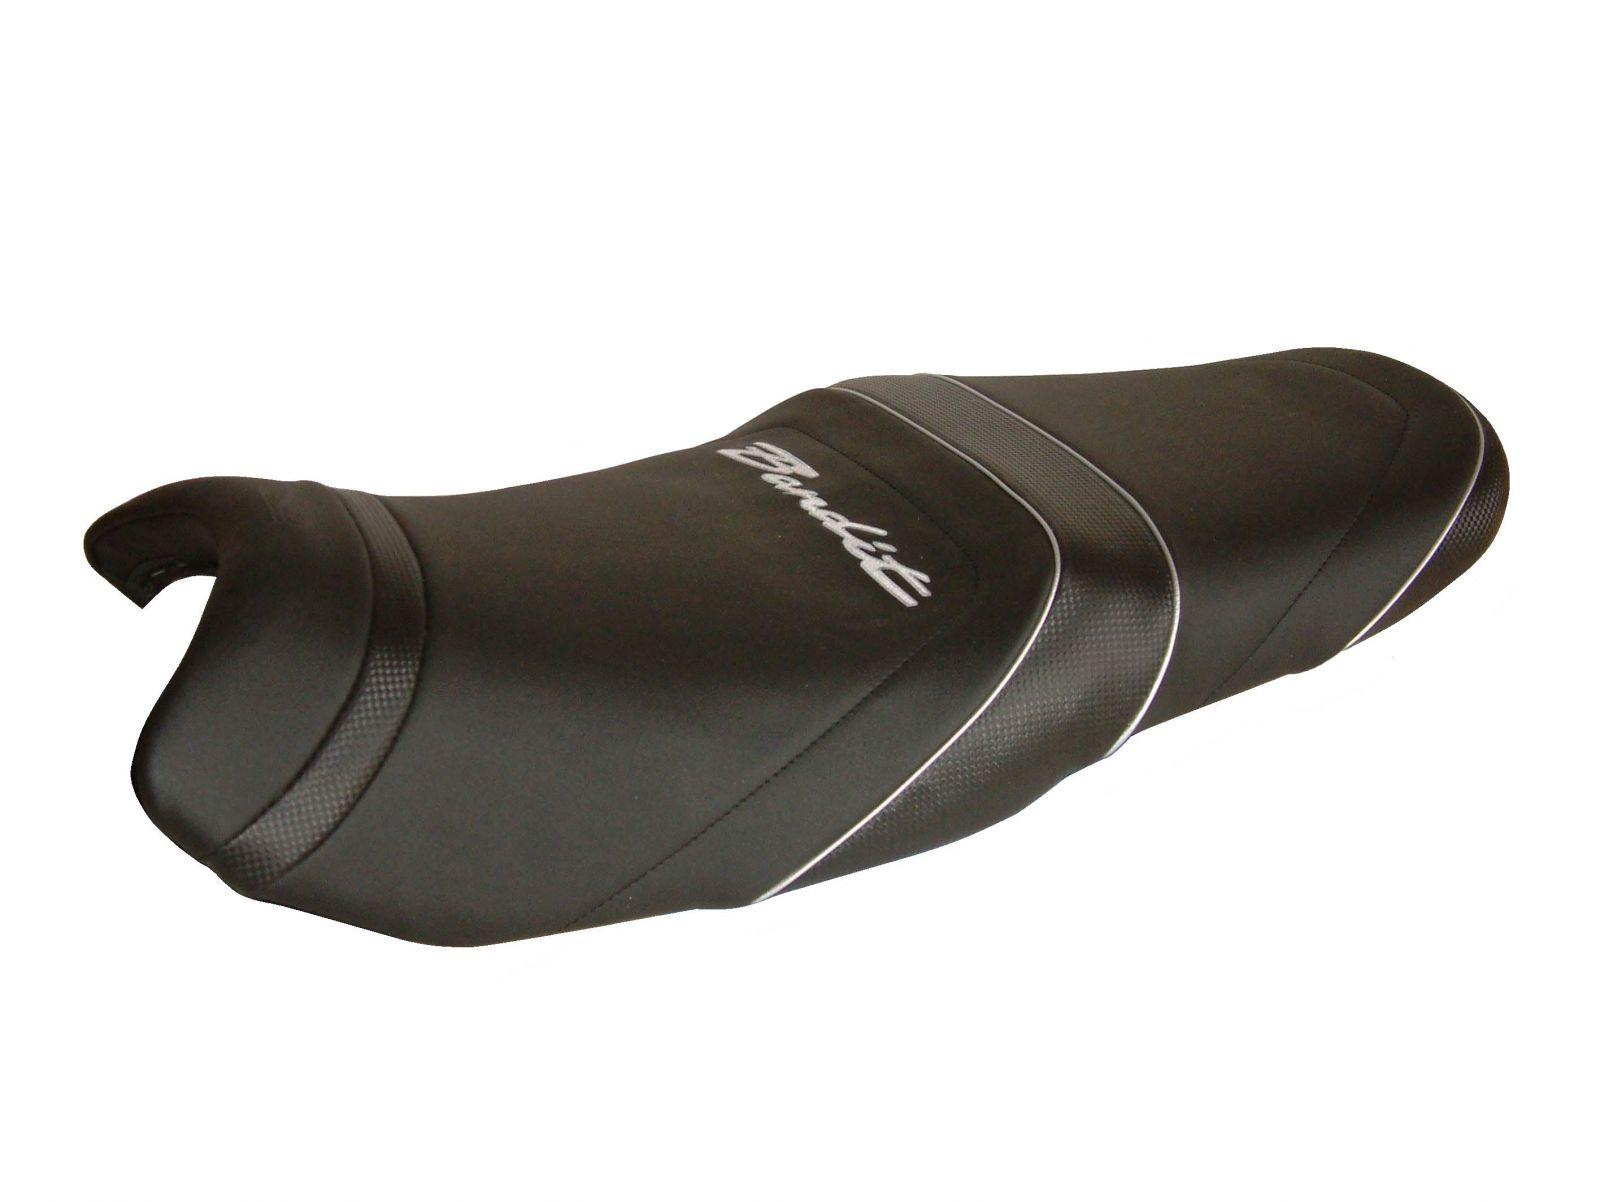 Designer style seat cover HSD1881 - SUZUKI BANDIT 1200 [2000-2005]